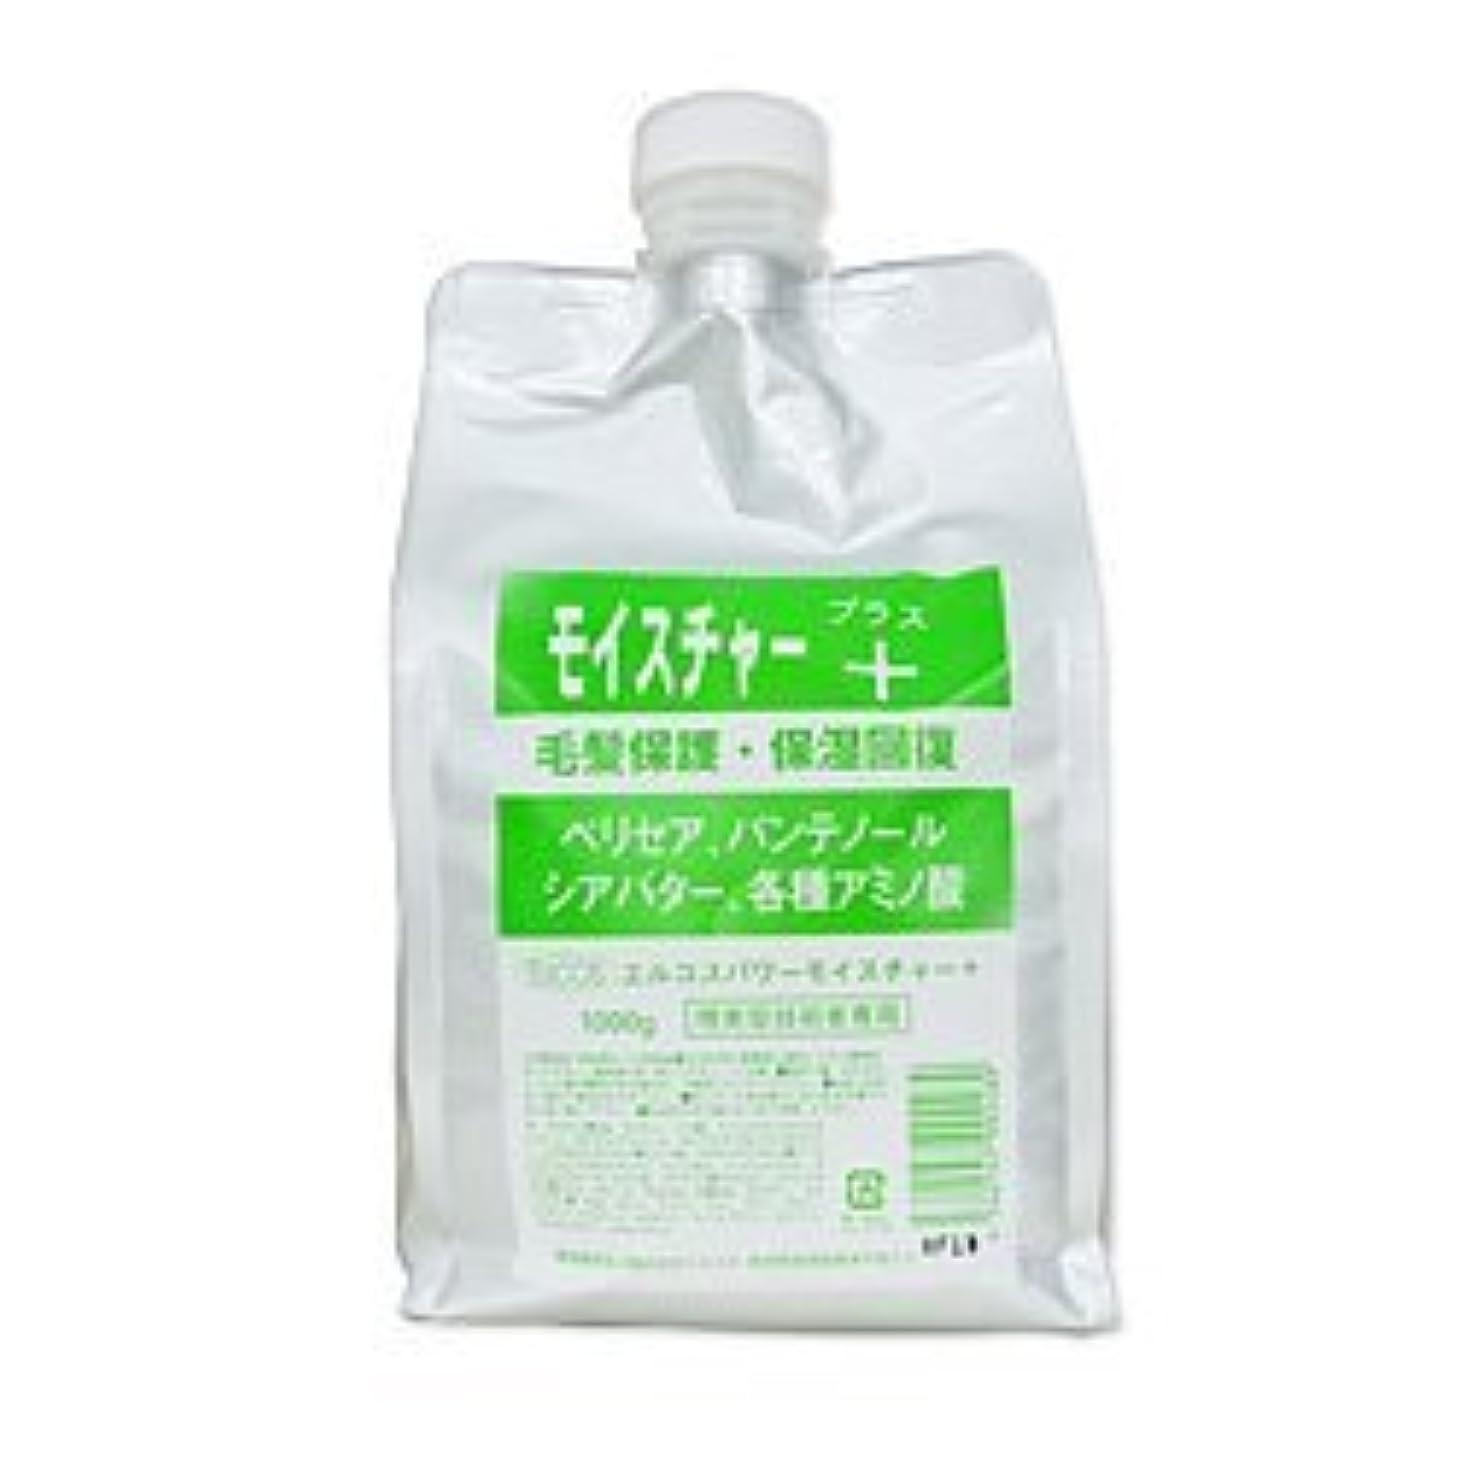 気分が良い集中的な芽エルコス パワー モイスチャー+ 1000g(詰替用)(トリートメント)